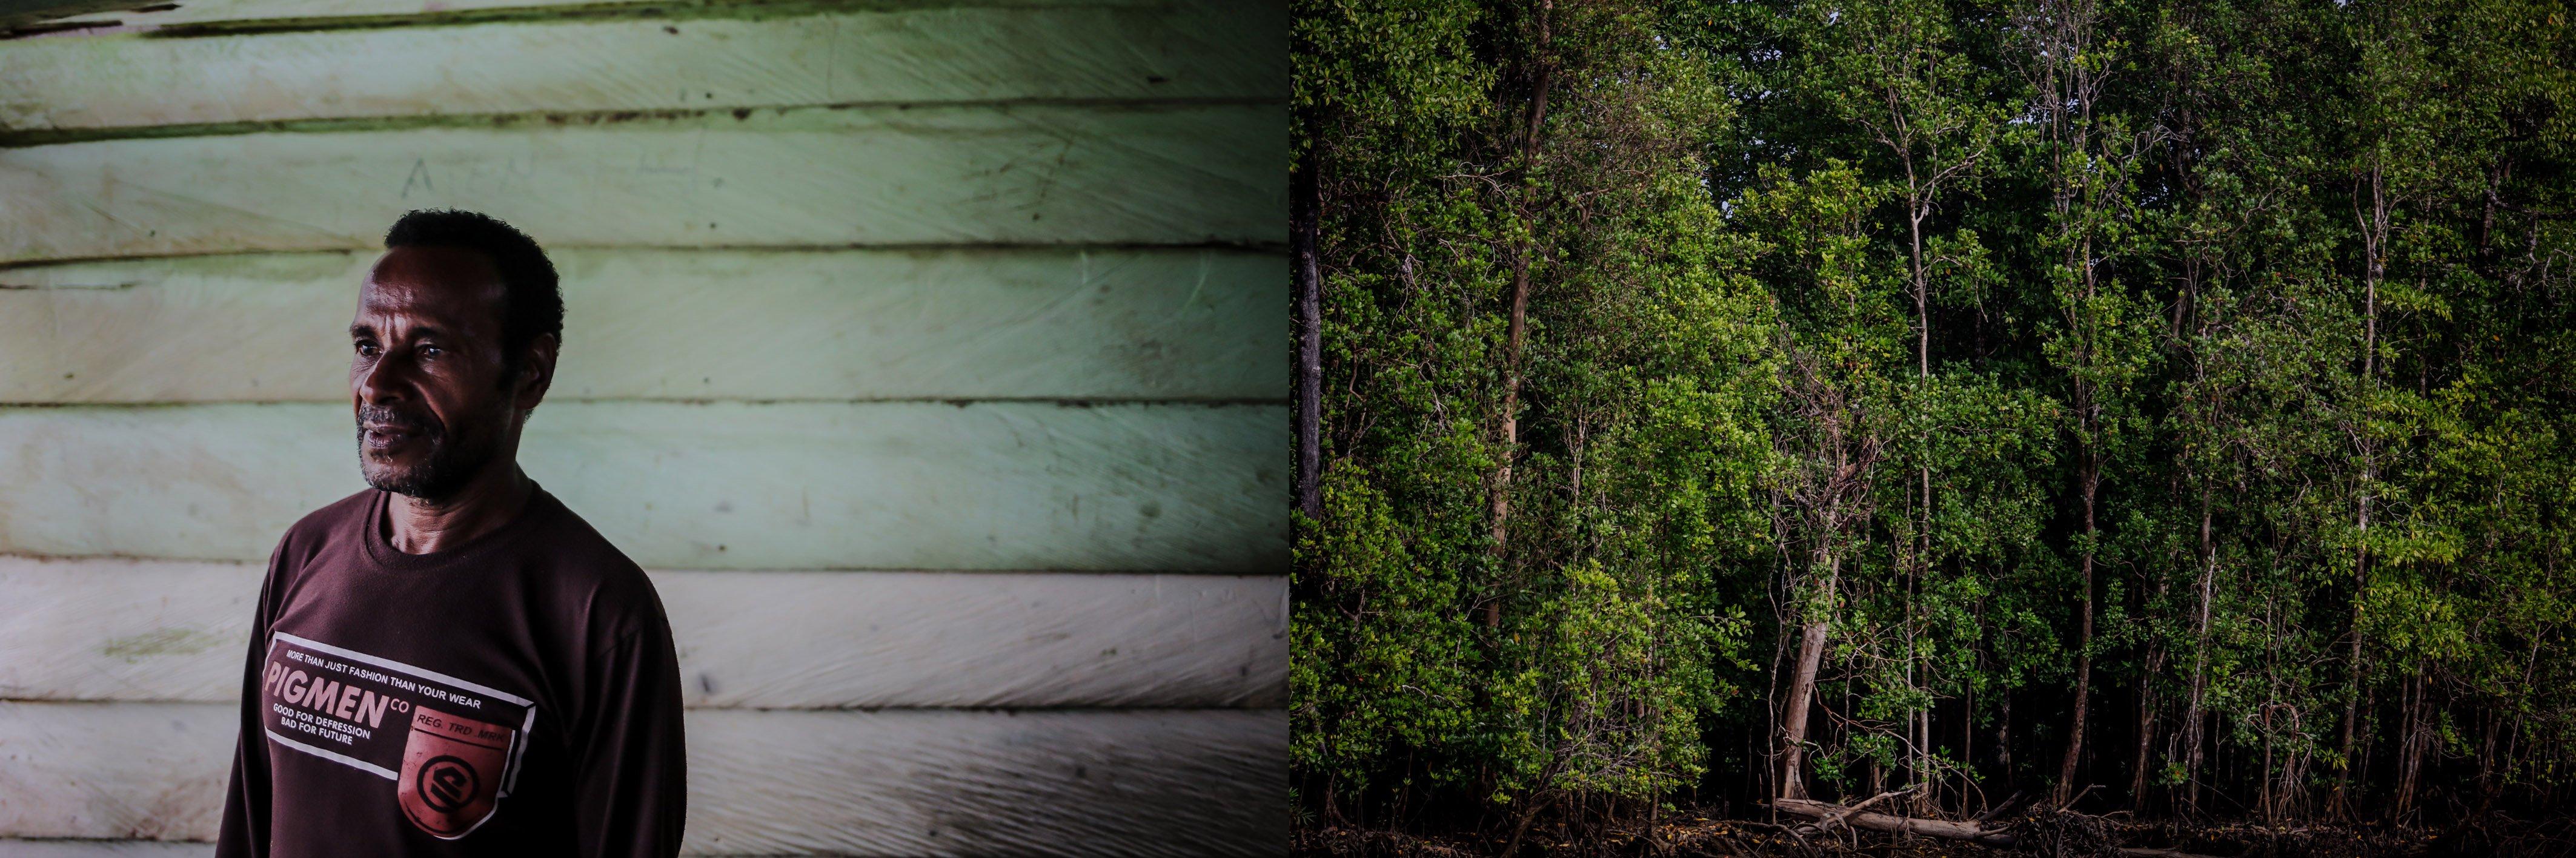 Wenand Kayaru (72) salah satu masyarakat adat Suku Moi di Ditsrik Gisim, Kabupaten Sorong, Papua Barat, Senin, (20/9/2021). Sekitar sepuluh tahun yang lalu ia dan beberapa perwakilan warga adat di Dsitrik Gisim sempat menerima uang dari pihak perusahaan sebesar Rp.500.000.000 untuk dua marga yang diberikan secara berangsur dengan luas lahan 15.000 hektare, saat ini ia berada di dalam ketakutan dan kekhawatiran karena tidak adanya kejelasan dari pihak perusahaan.